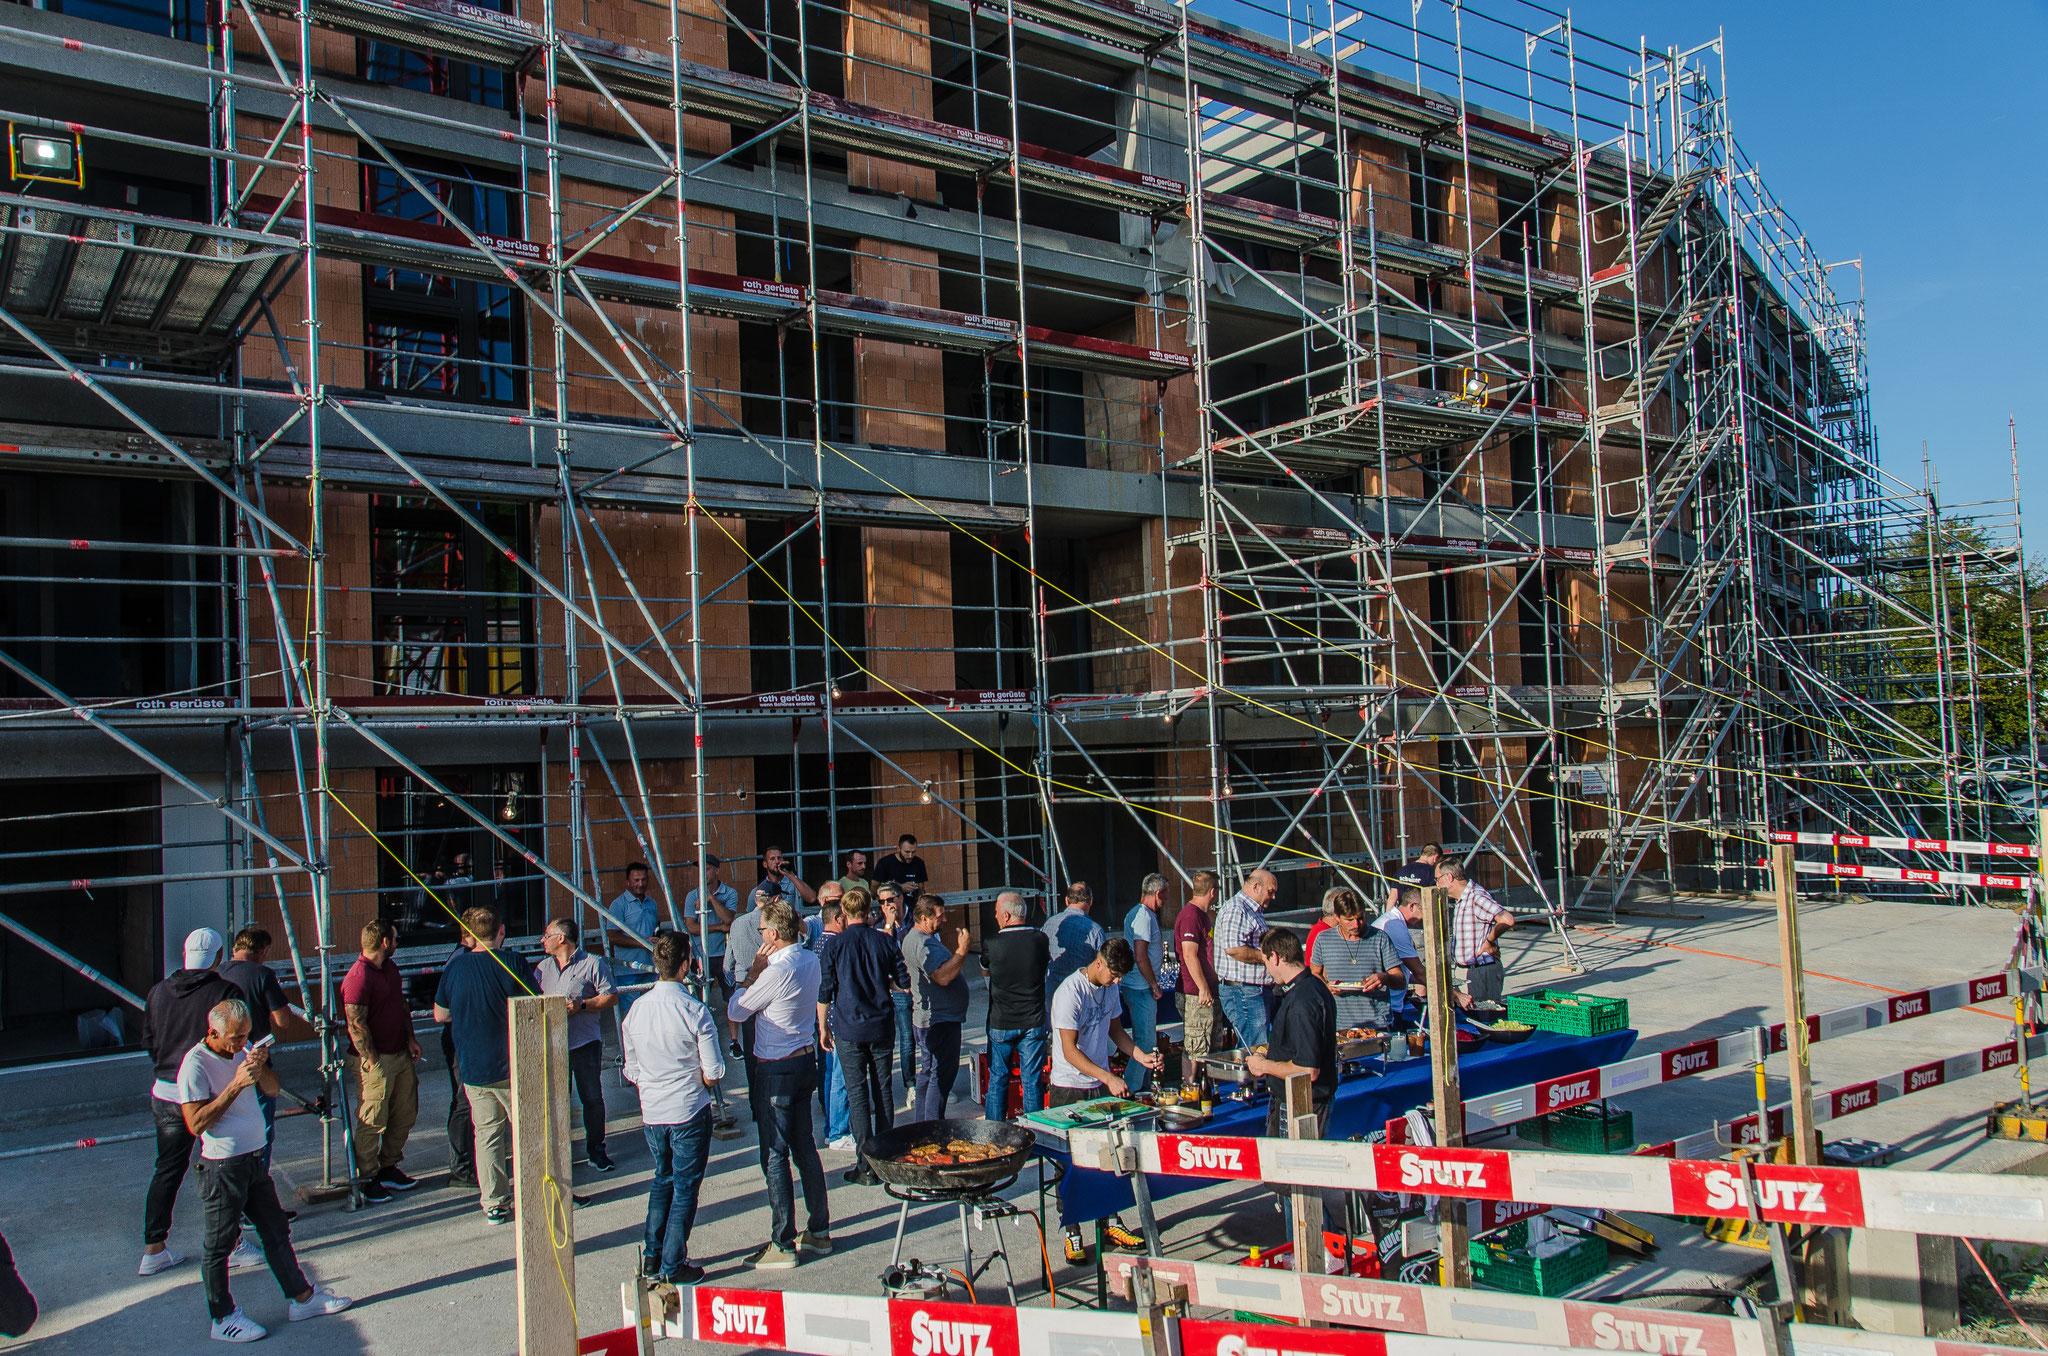 """16.8.19: Mit der Fertigstellung des Rohbaus wurde mit den am Bau involvierten  Mitarbeitenden vom Architekturbüro und Firmen die bis jetzt am Bau beteiligt waren bei schönstem Wetter """"Aufrichte"""" gefeiert."""